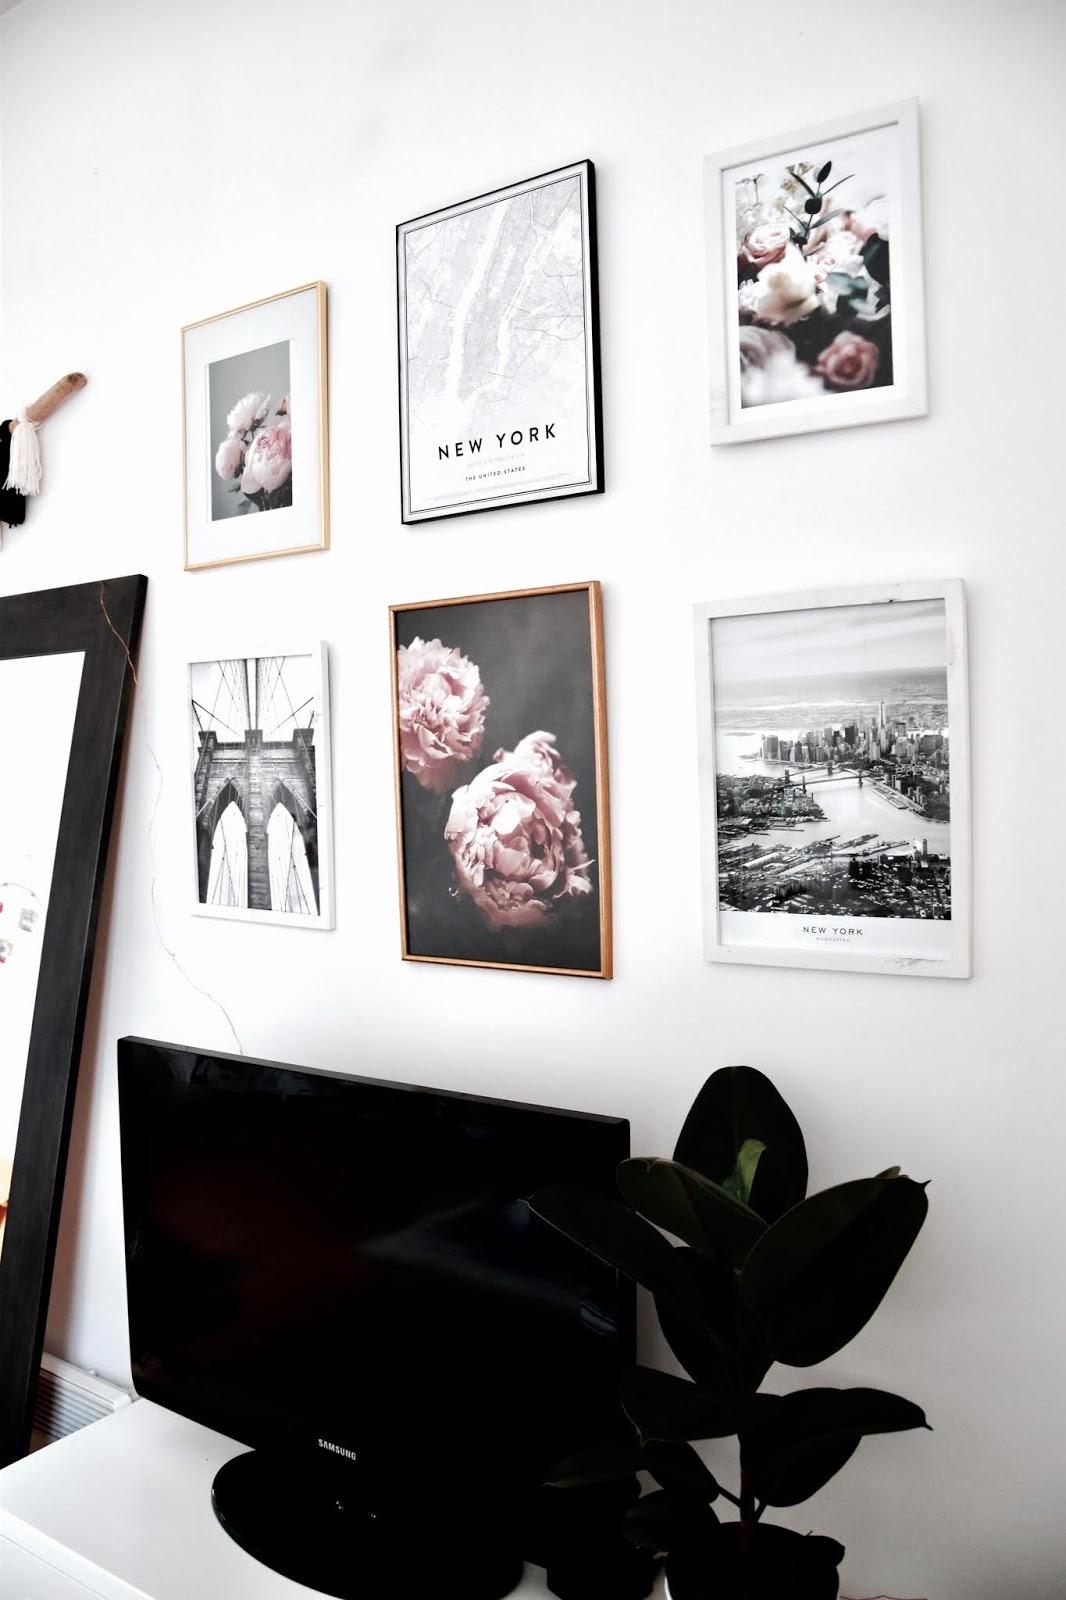 Décoration intérieure : réaliser un mur de cadres